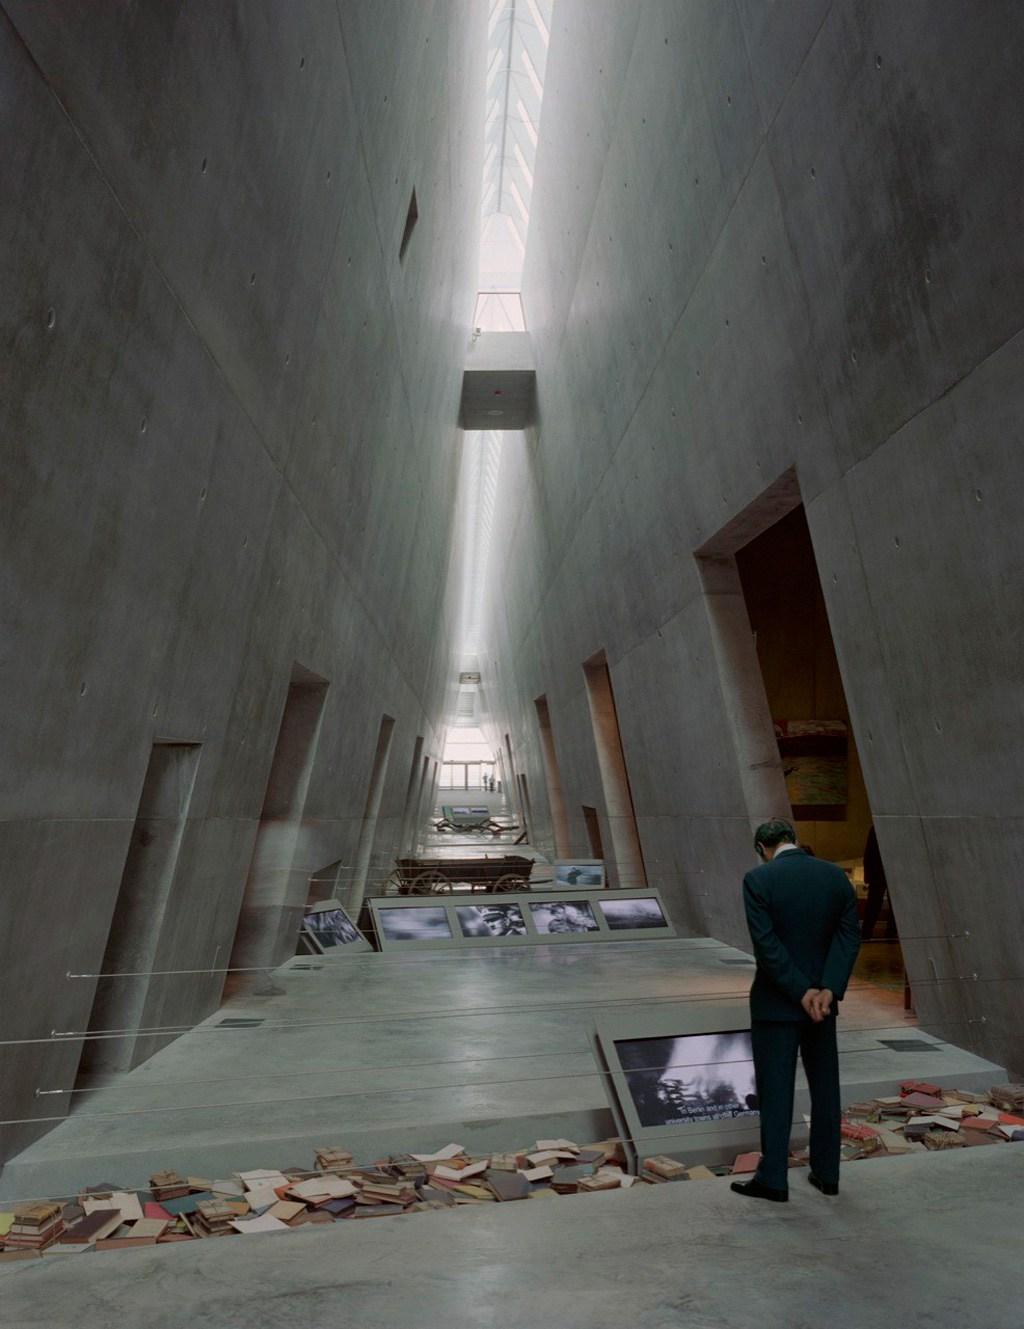 Yad-Vashem-Holocaust-Museum-Timothy-Hursley-1.jpg